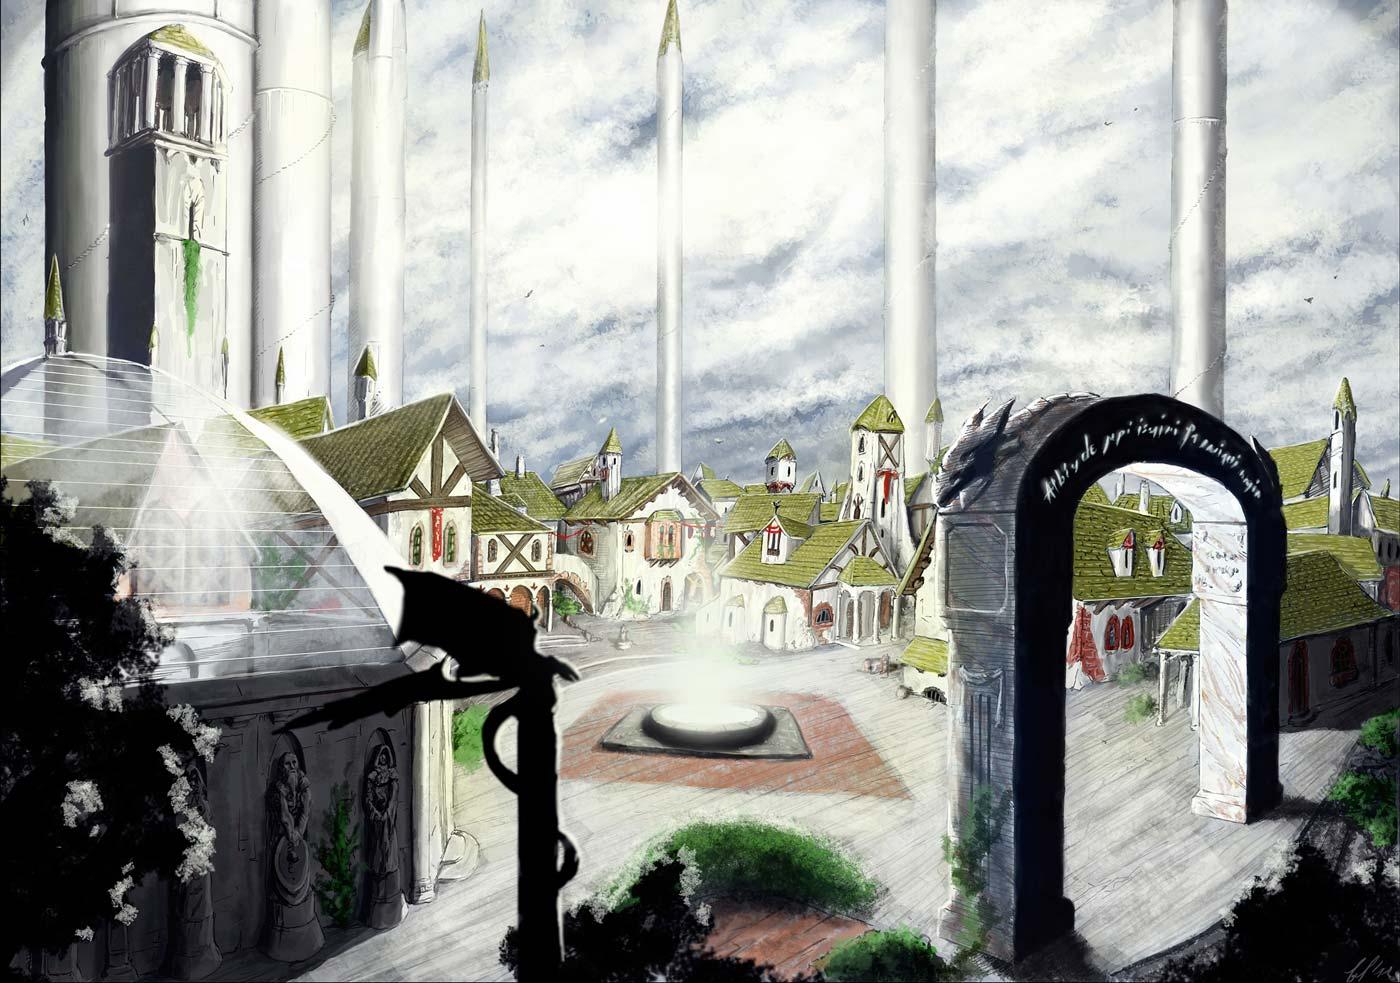 Immagine della città di Kardon e delle 7 torri - Illustrazione fantasy tratta da Altèra - Le Cronache dei 5 Regni - Elvio Ravasio, autore di libri fantasy